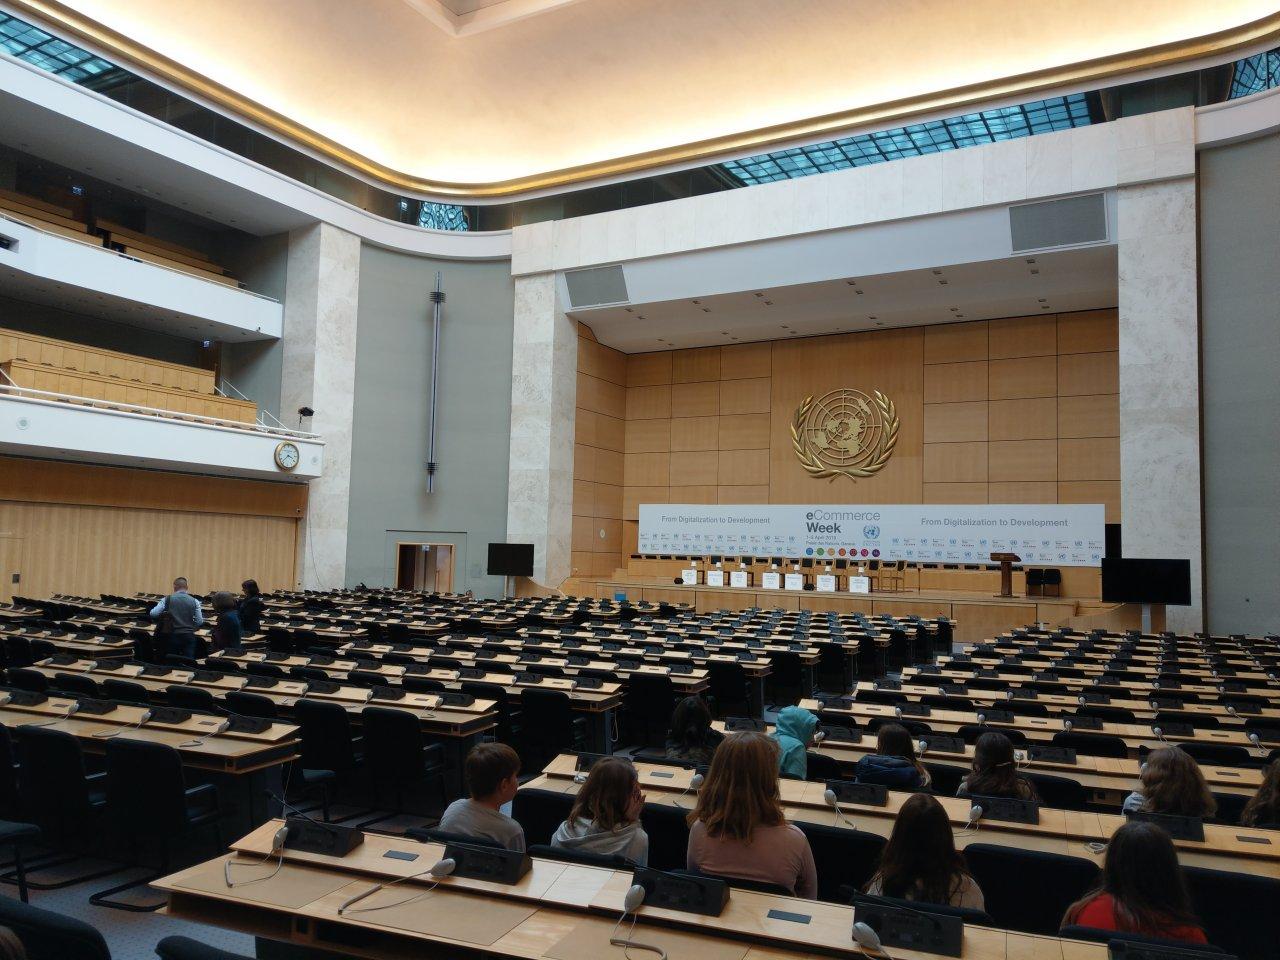 美國敦促世衛秘書長 邀請台灣出席世衛大會